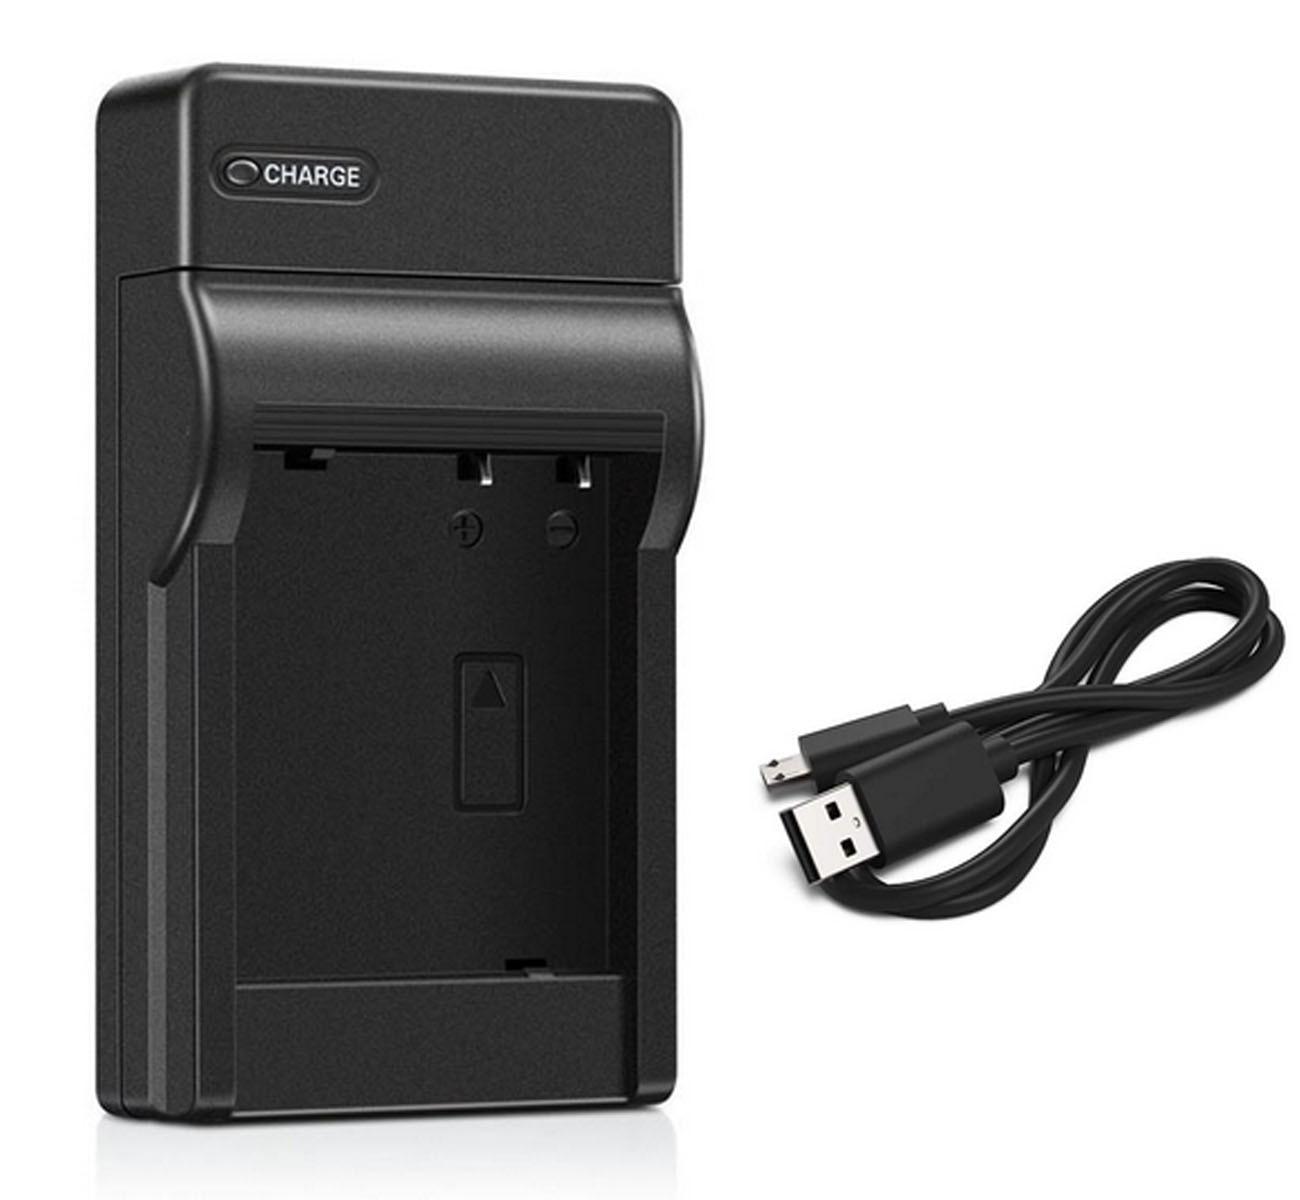 Зарядное устройство для Samsung SB-L110A, SBL110A, SB-L160, SBL160, SB-L320, SBL320